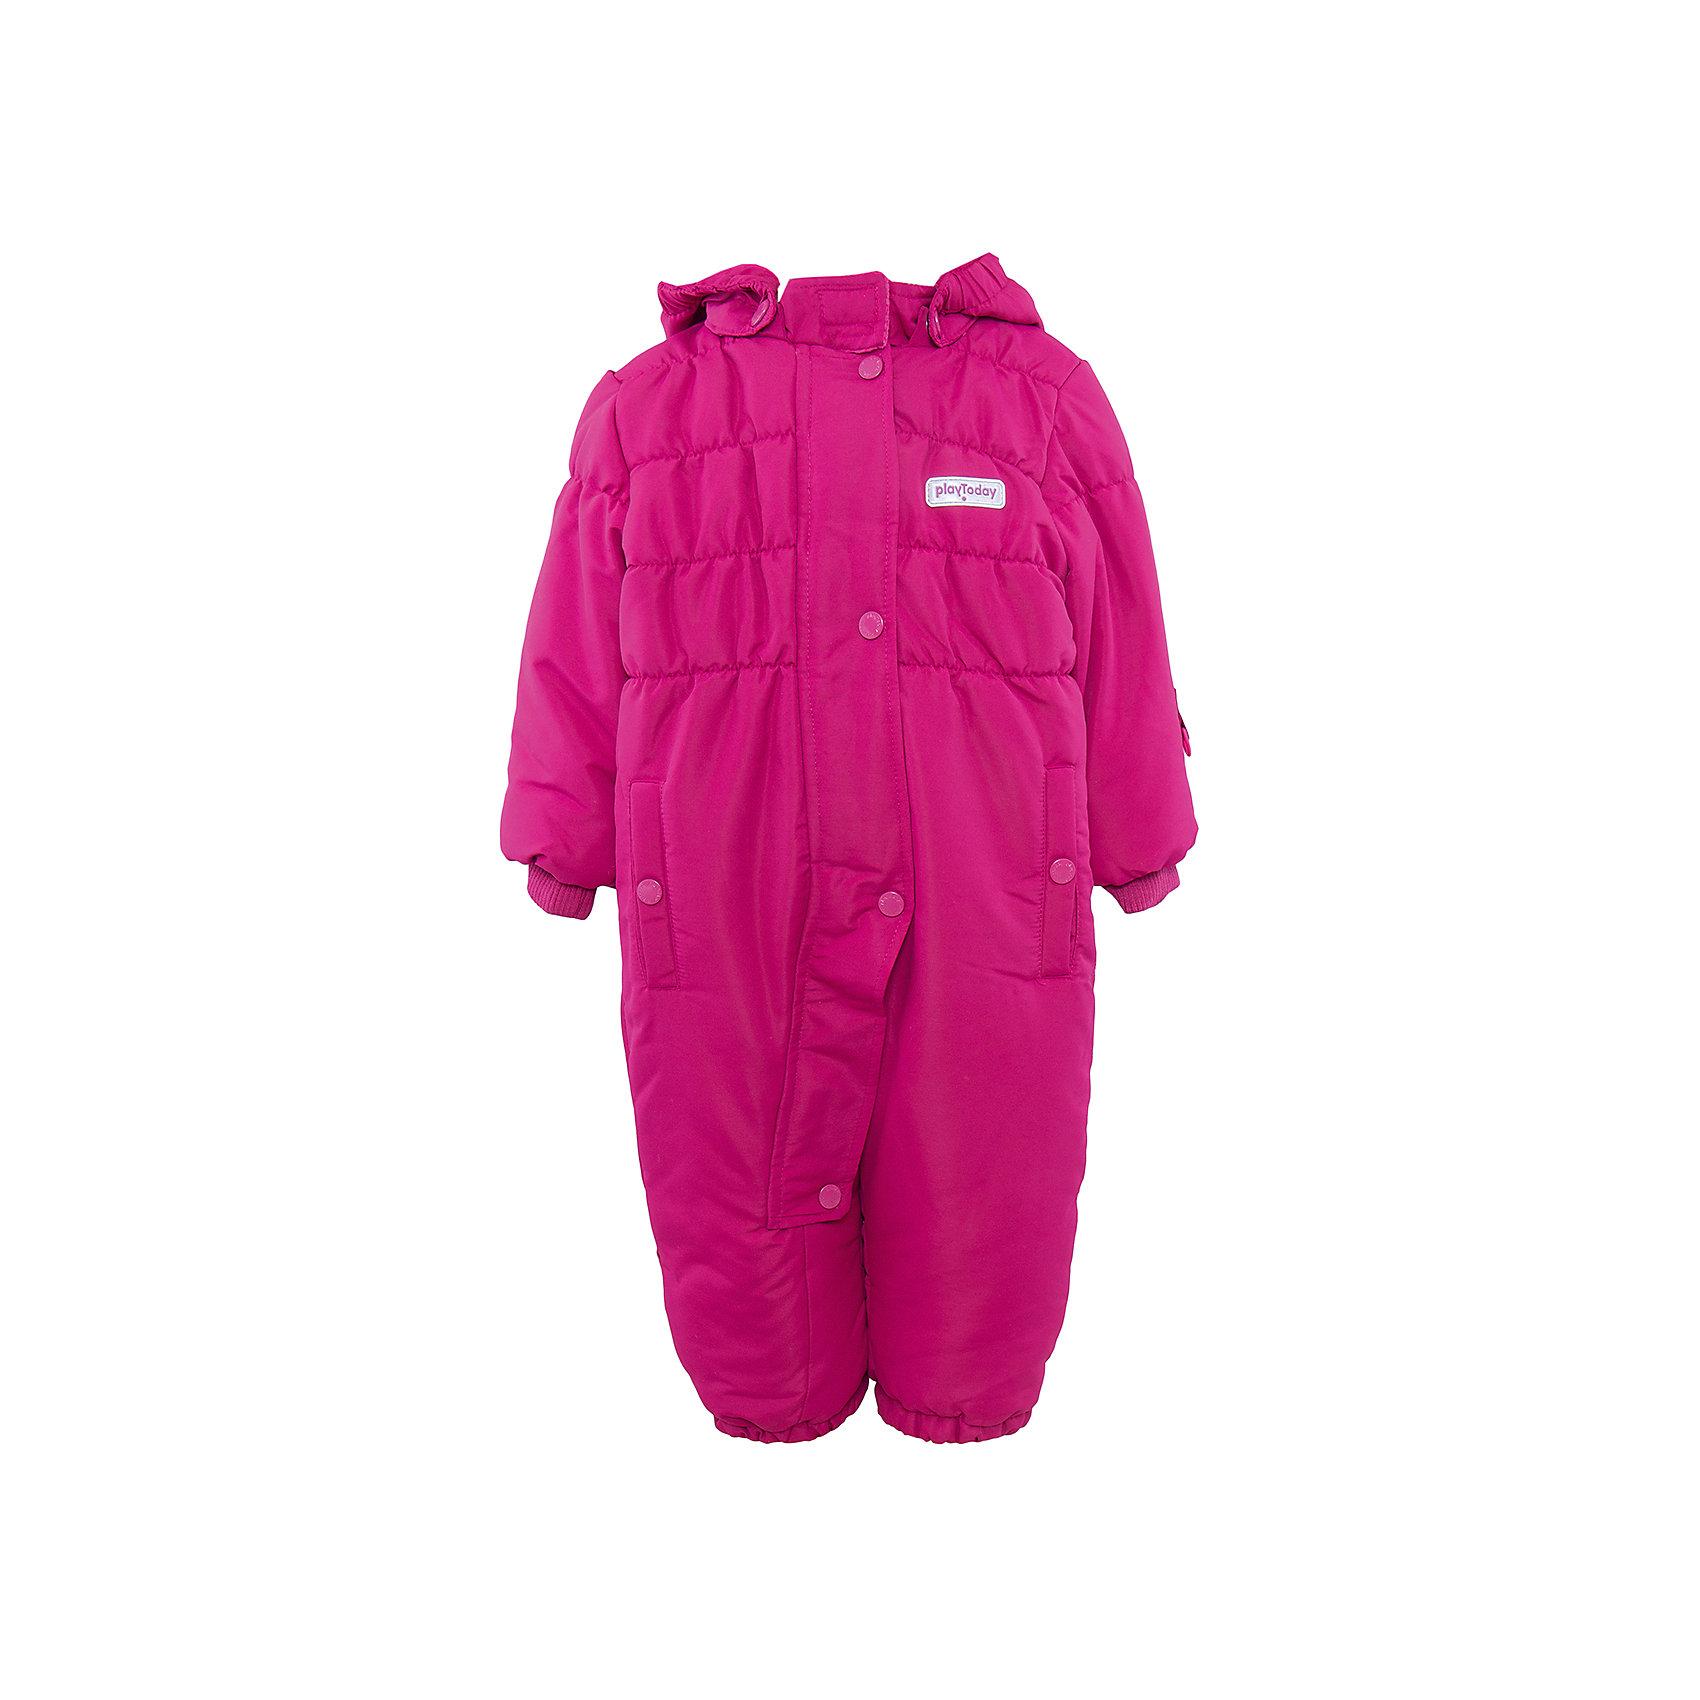 Комбинезон для девочки PlayTodayКомбинезон для девочки от известного бренда PlayToday.<br>Уютный теплый комбинезон с капюшоном. Яркий цвет поднимет настроение и согреет в холодную погоду.<br>Внутри мягкая стеганая велюровая подкладка. Застегивается на молнию, есть ветрозащитная планка на кнопках, как на спортивной одежде. Капюшон удобно отстегивается. Воротник на липучке. Рукава и низ штанишек на резинке, есть два функциональных кармашка на кнопках. Специальная резинка на пуговицах позволяет закреплять комбинезон под обувью.<br>Состав:<br>Верх: 100% полиэстер, подкладка: 80% хлопок, 20% полиэстер, Утеплитель 100% полиэстер, 300 г/м2<br><br>Ширина мм: 157<br>Глубина мм: 13<br>Высота мм: 119<br>Вес г: 200<br>Цвет: малиновый<br>Возраст от месяцев: 12<br>Возраст до месяцев: 15<br>Пол: Женский<br>Возраст: Детский<br>Размер: 80,74,92,86<br>SKU: 4901206